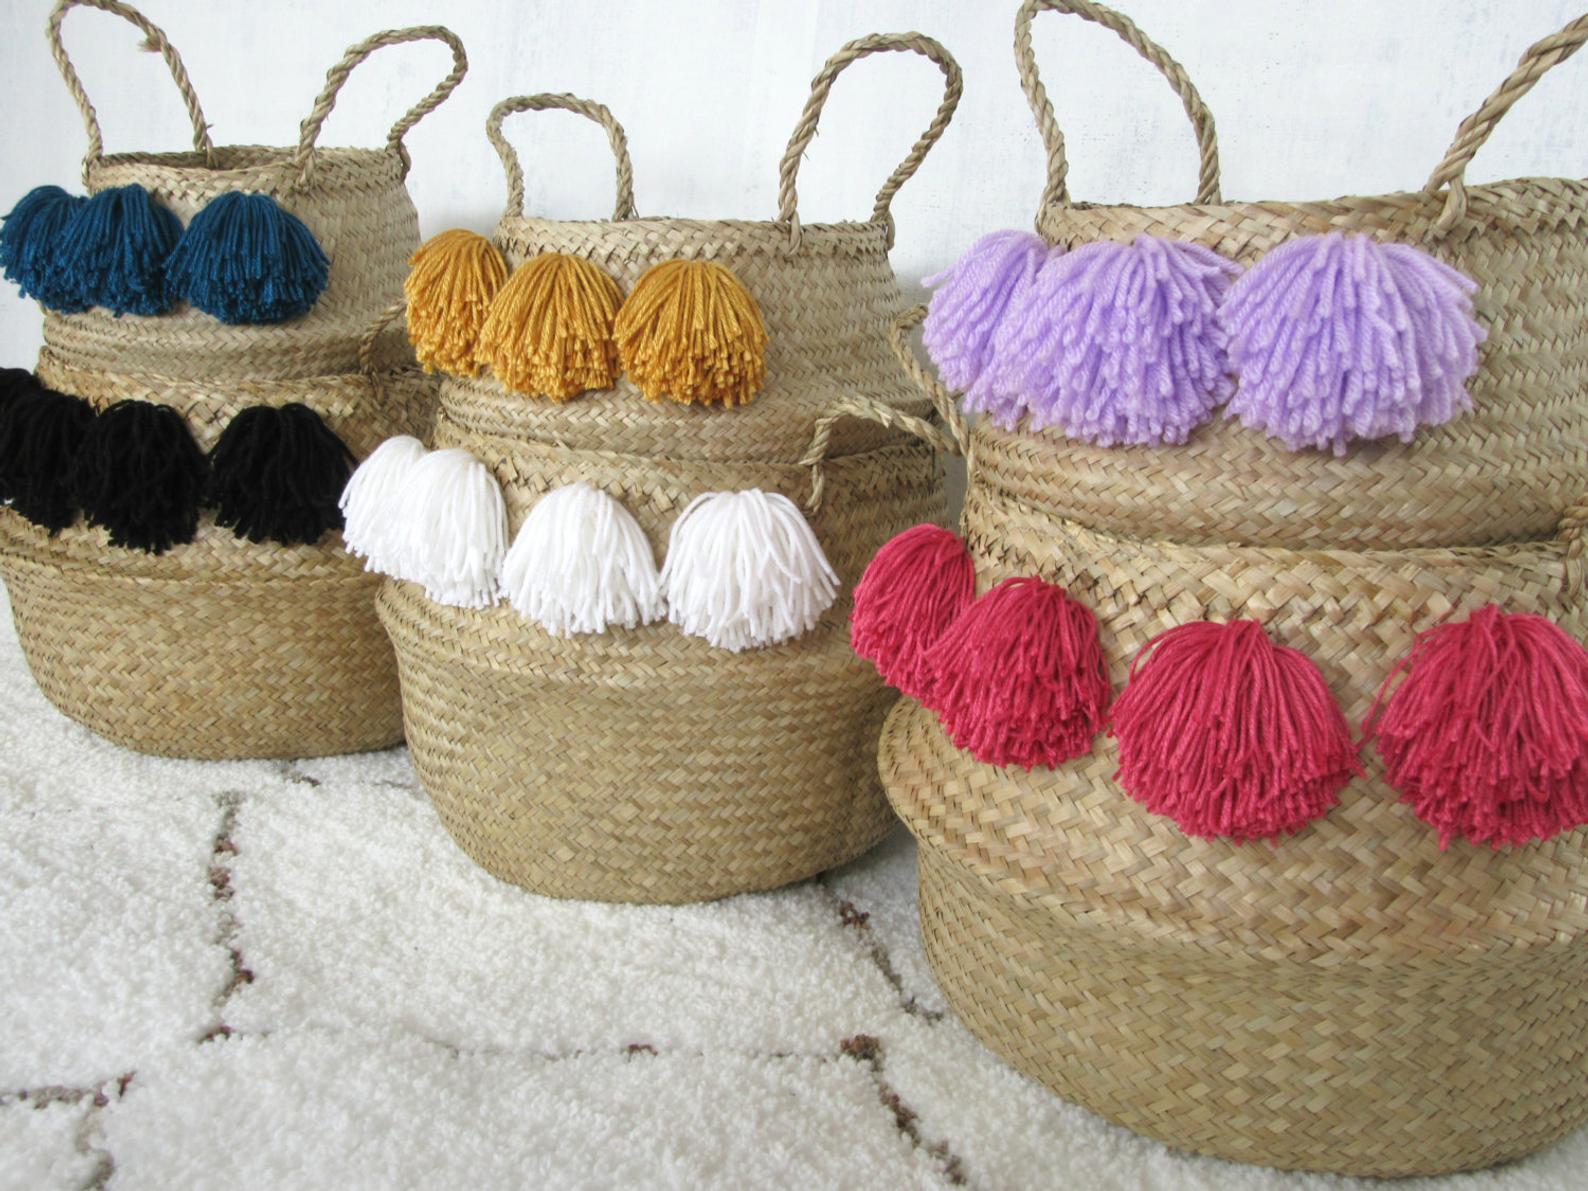 Pom Pom baskets from Etsy shop Nomad Cloth